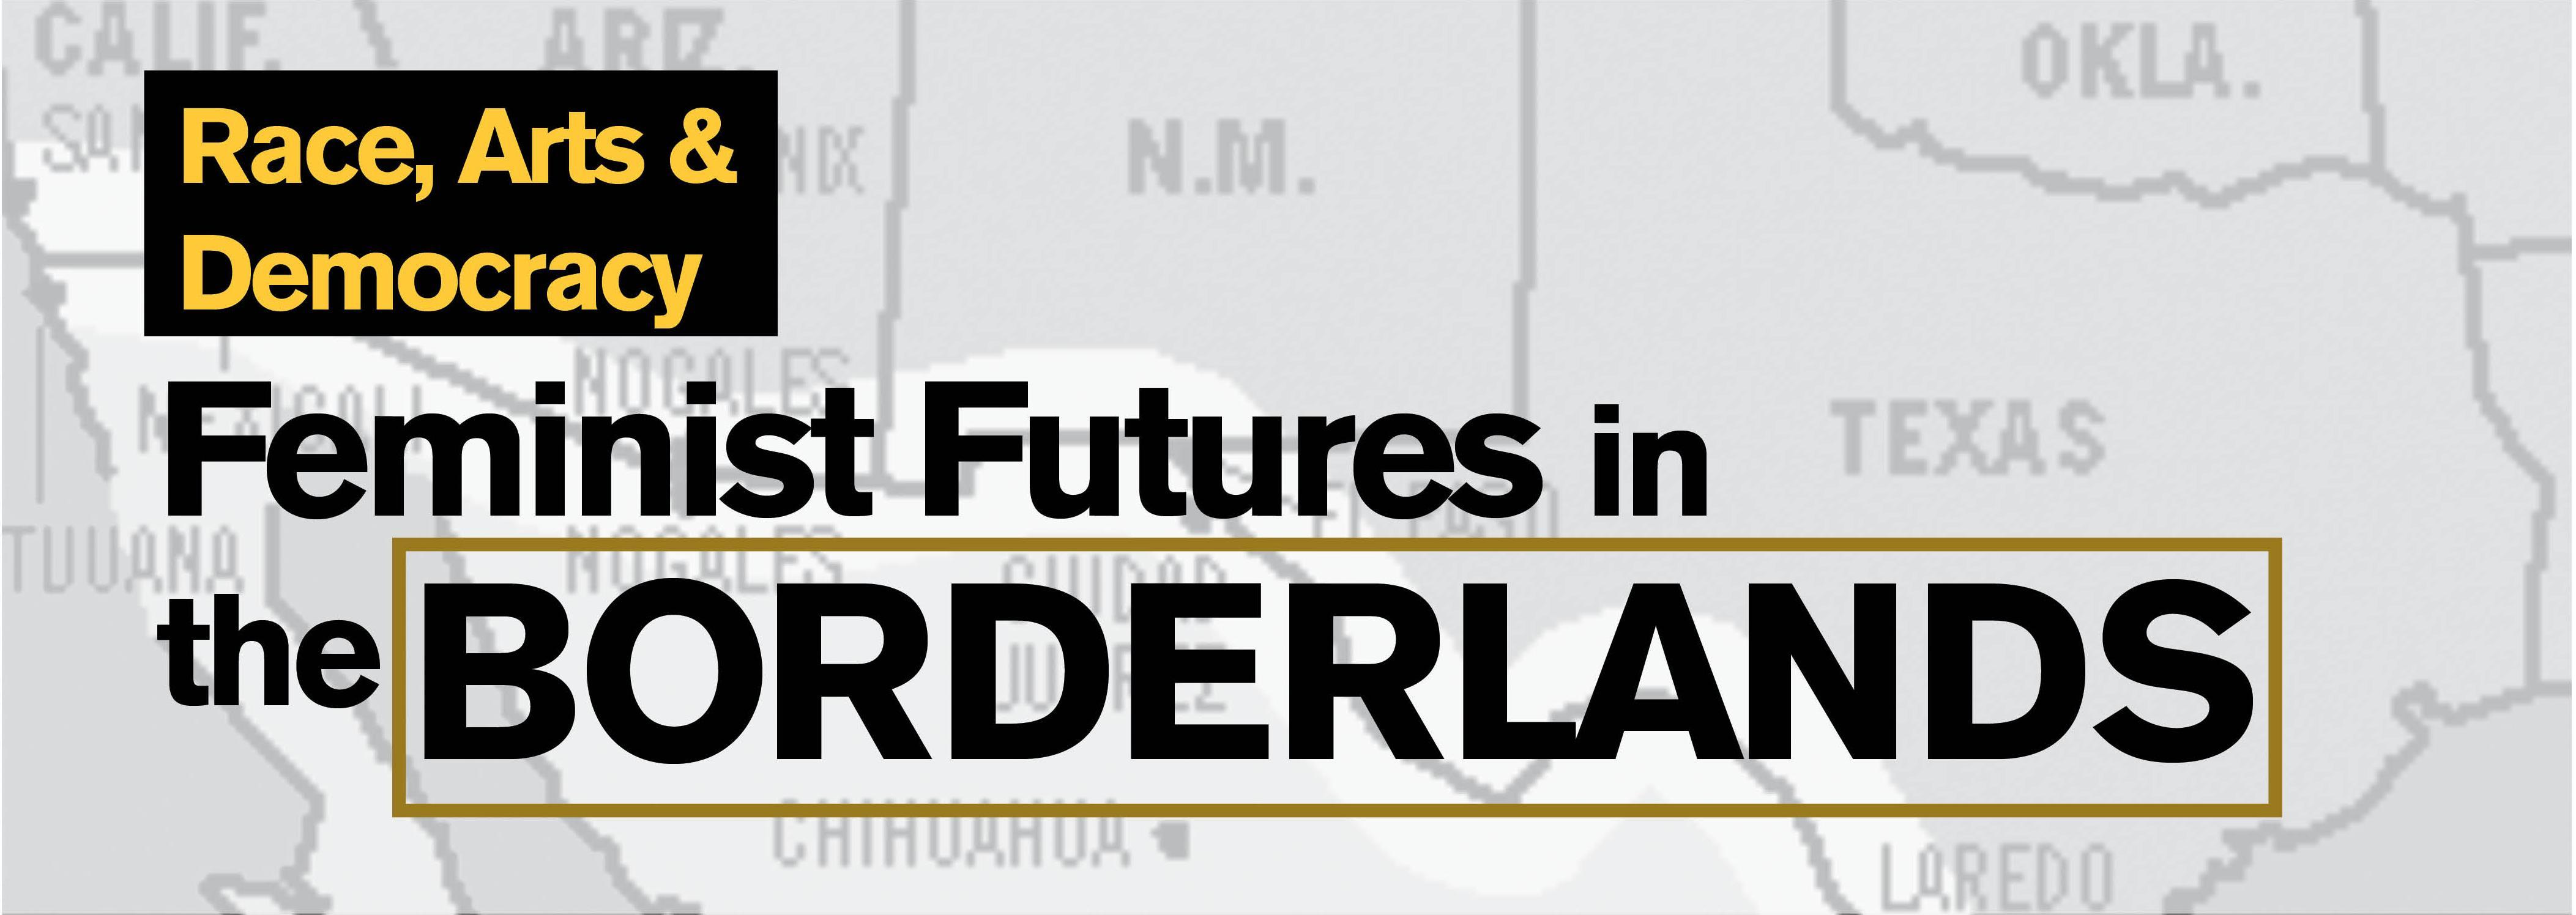 feminist_futures_in_the_borderland